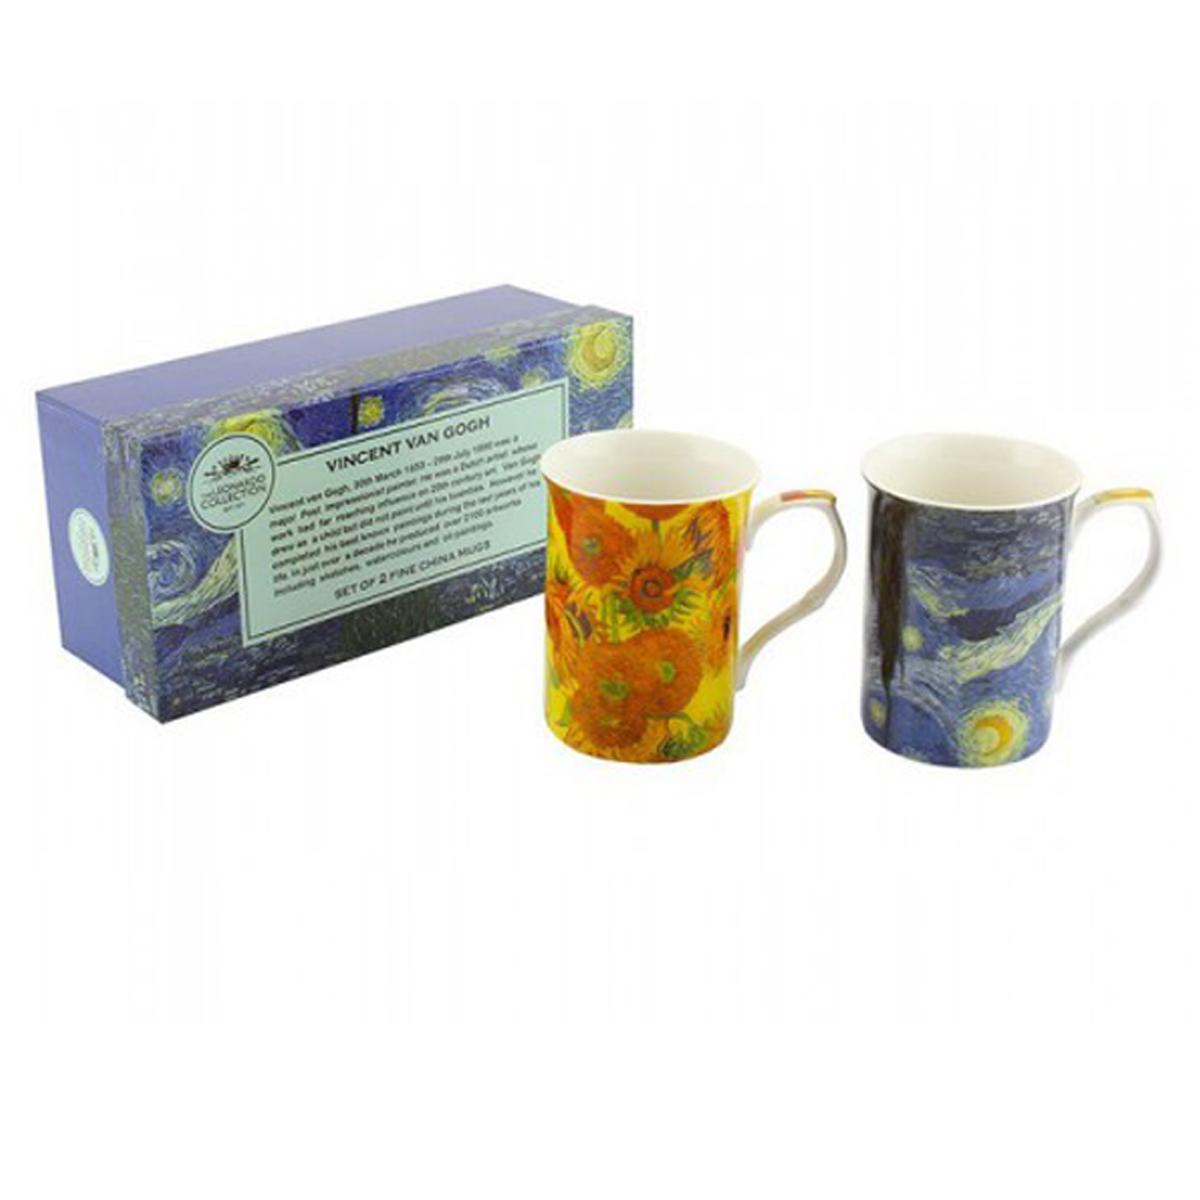 Coffret cadeau porcelaine \'Vincent Van Gogh\' (2 mugs) - 100x75 mm (tournesols, nuit étoilée) - [A1254]